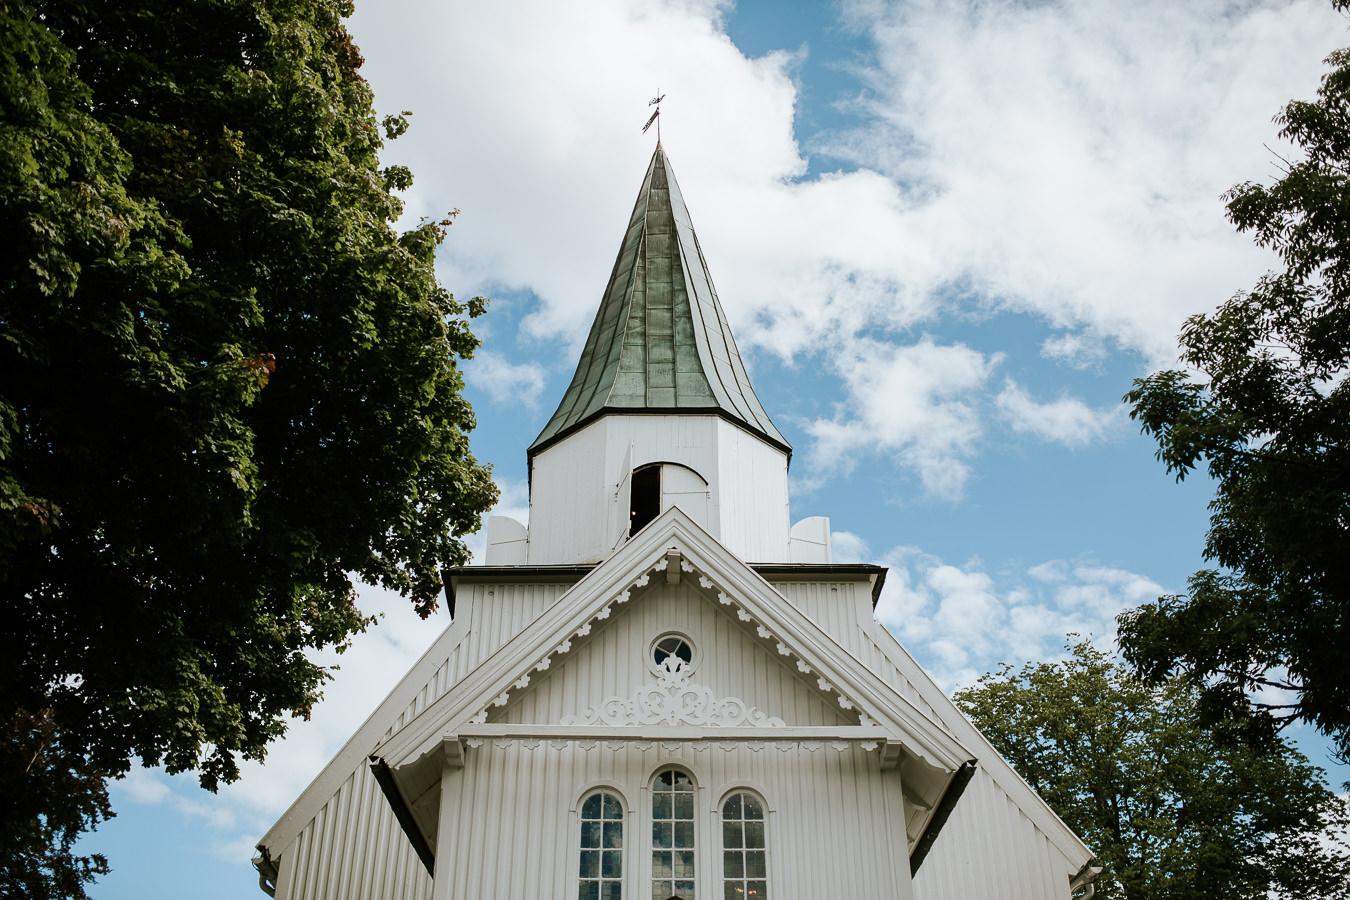 Bryllupsfotograf-kristiansand-tveit-kirke-119.jpg